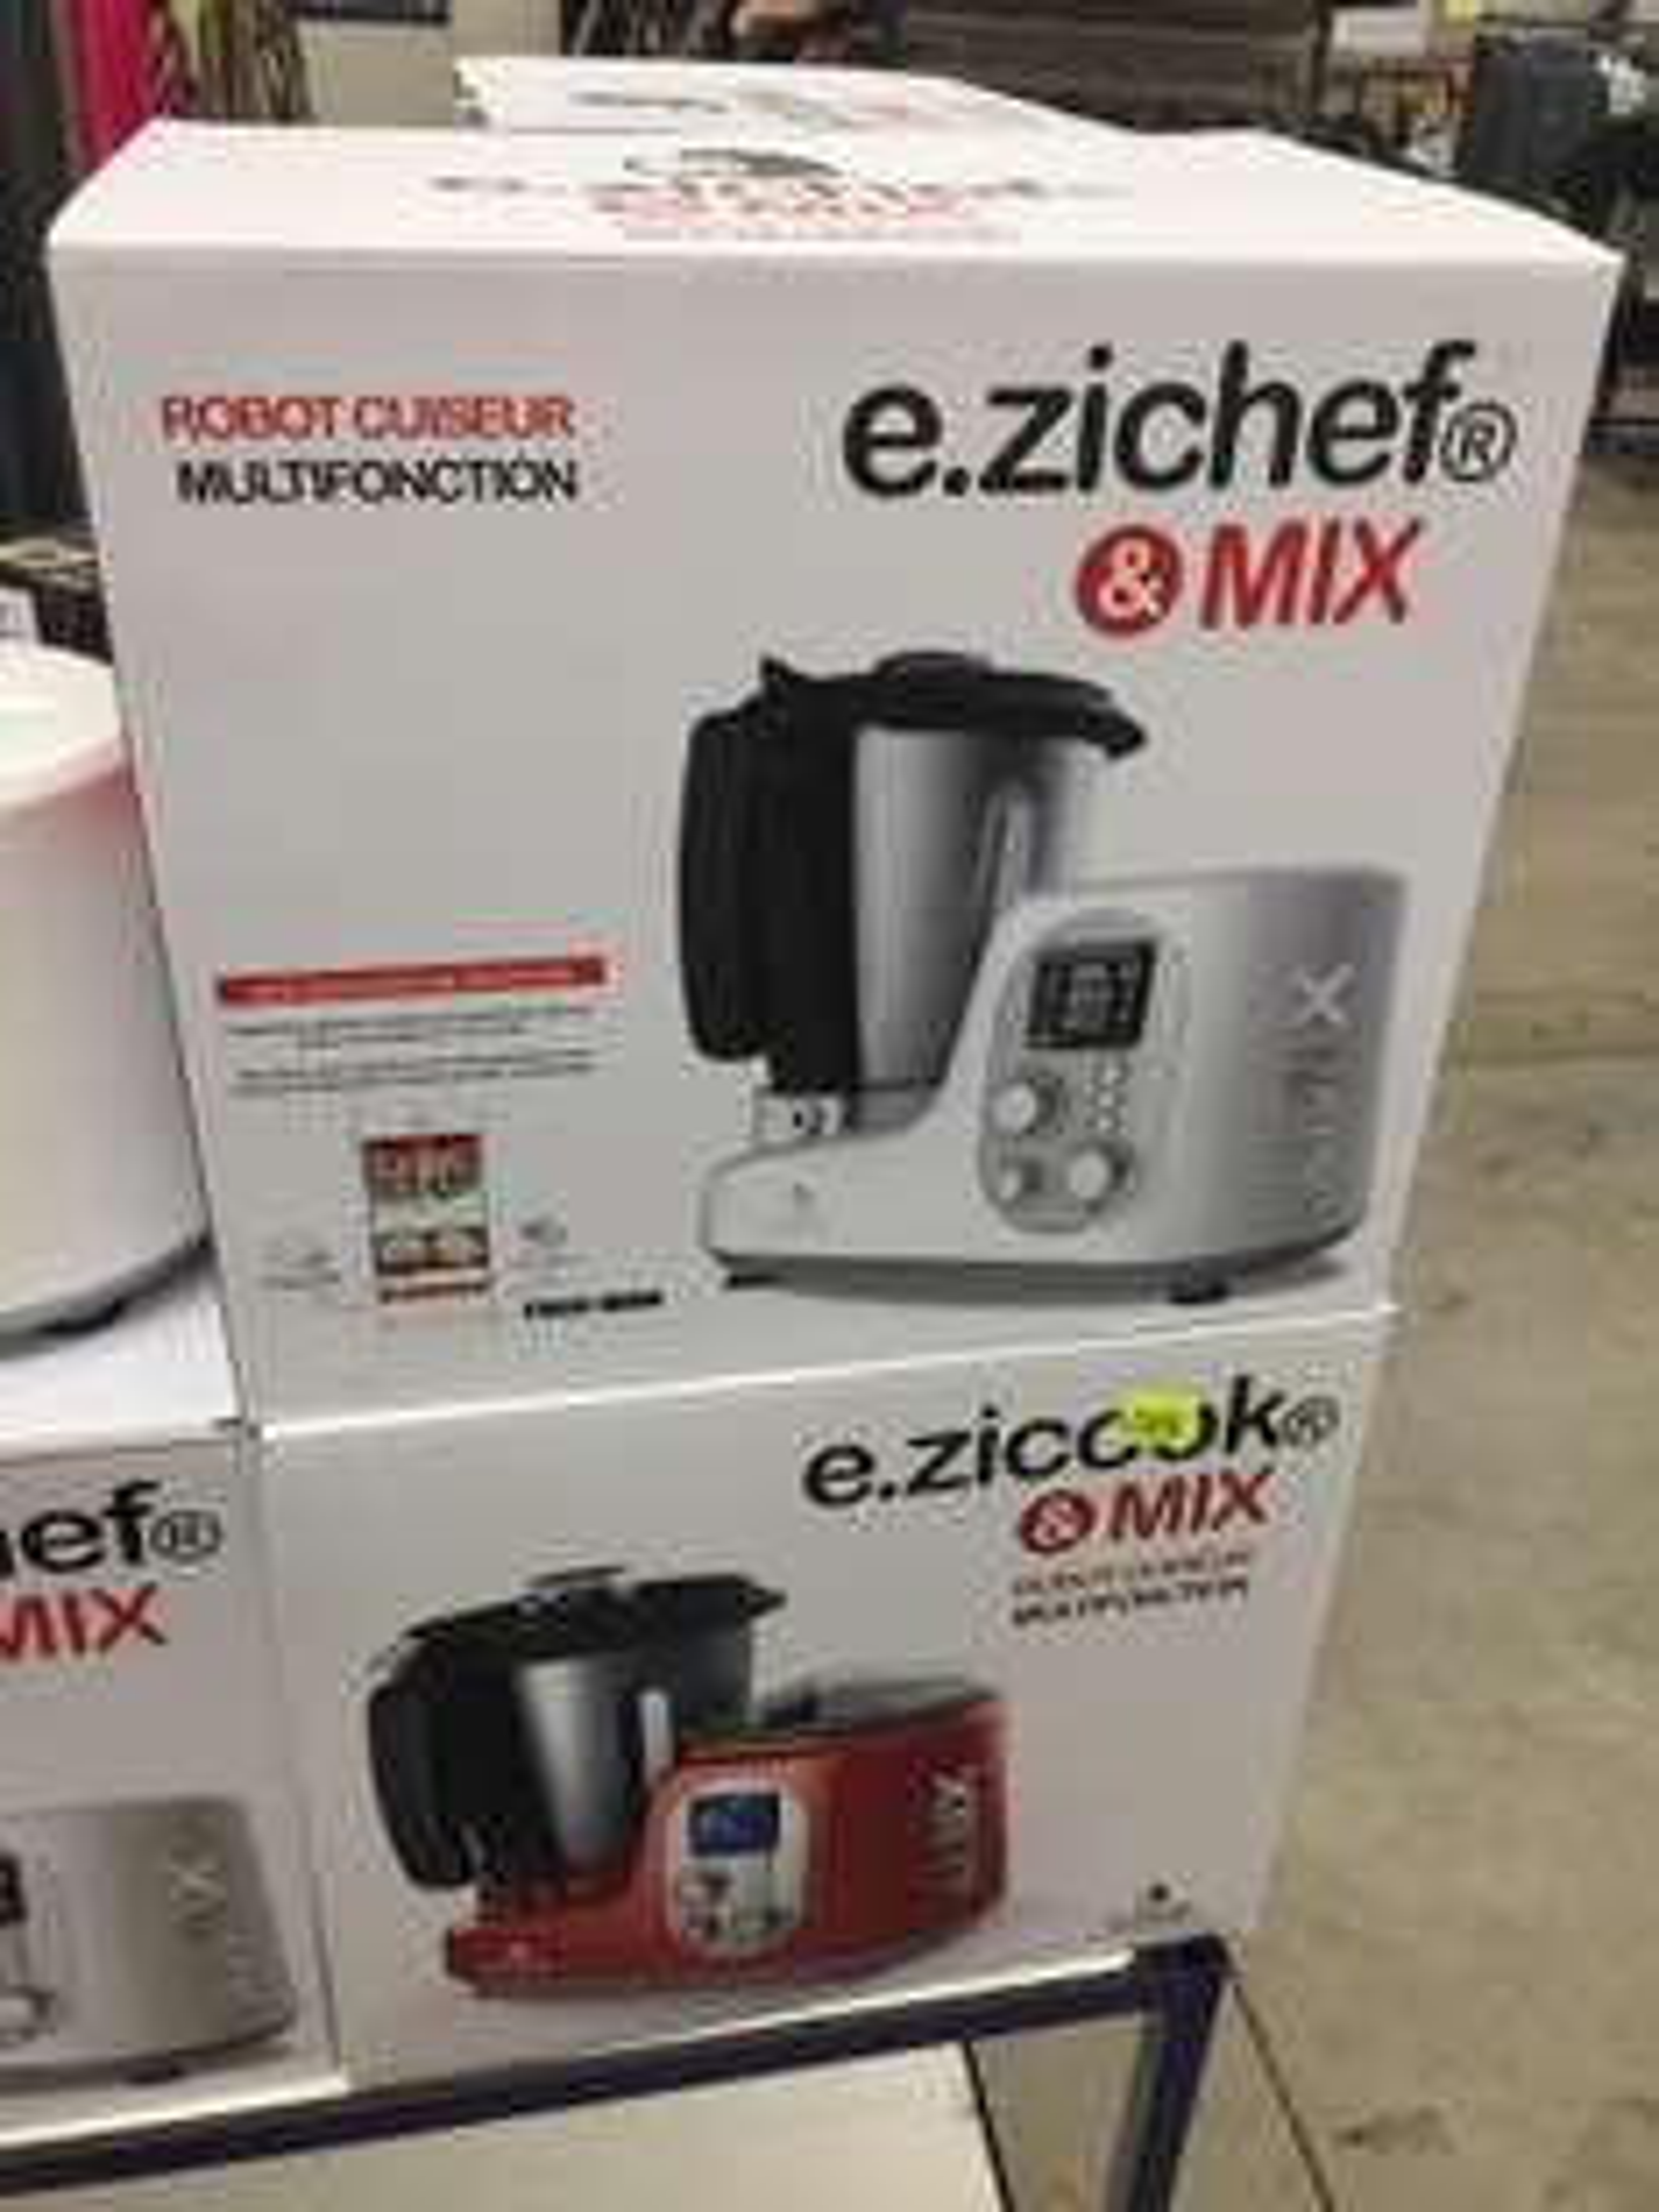 Robot cuiseur multifonction E Zichef Mix